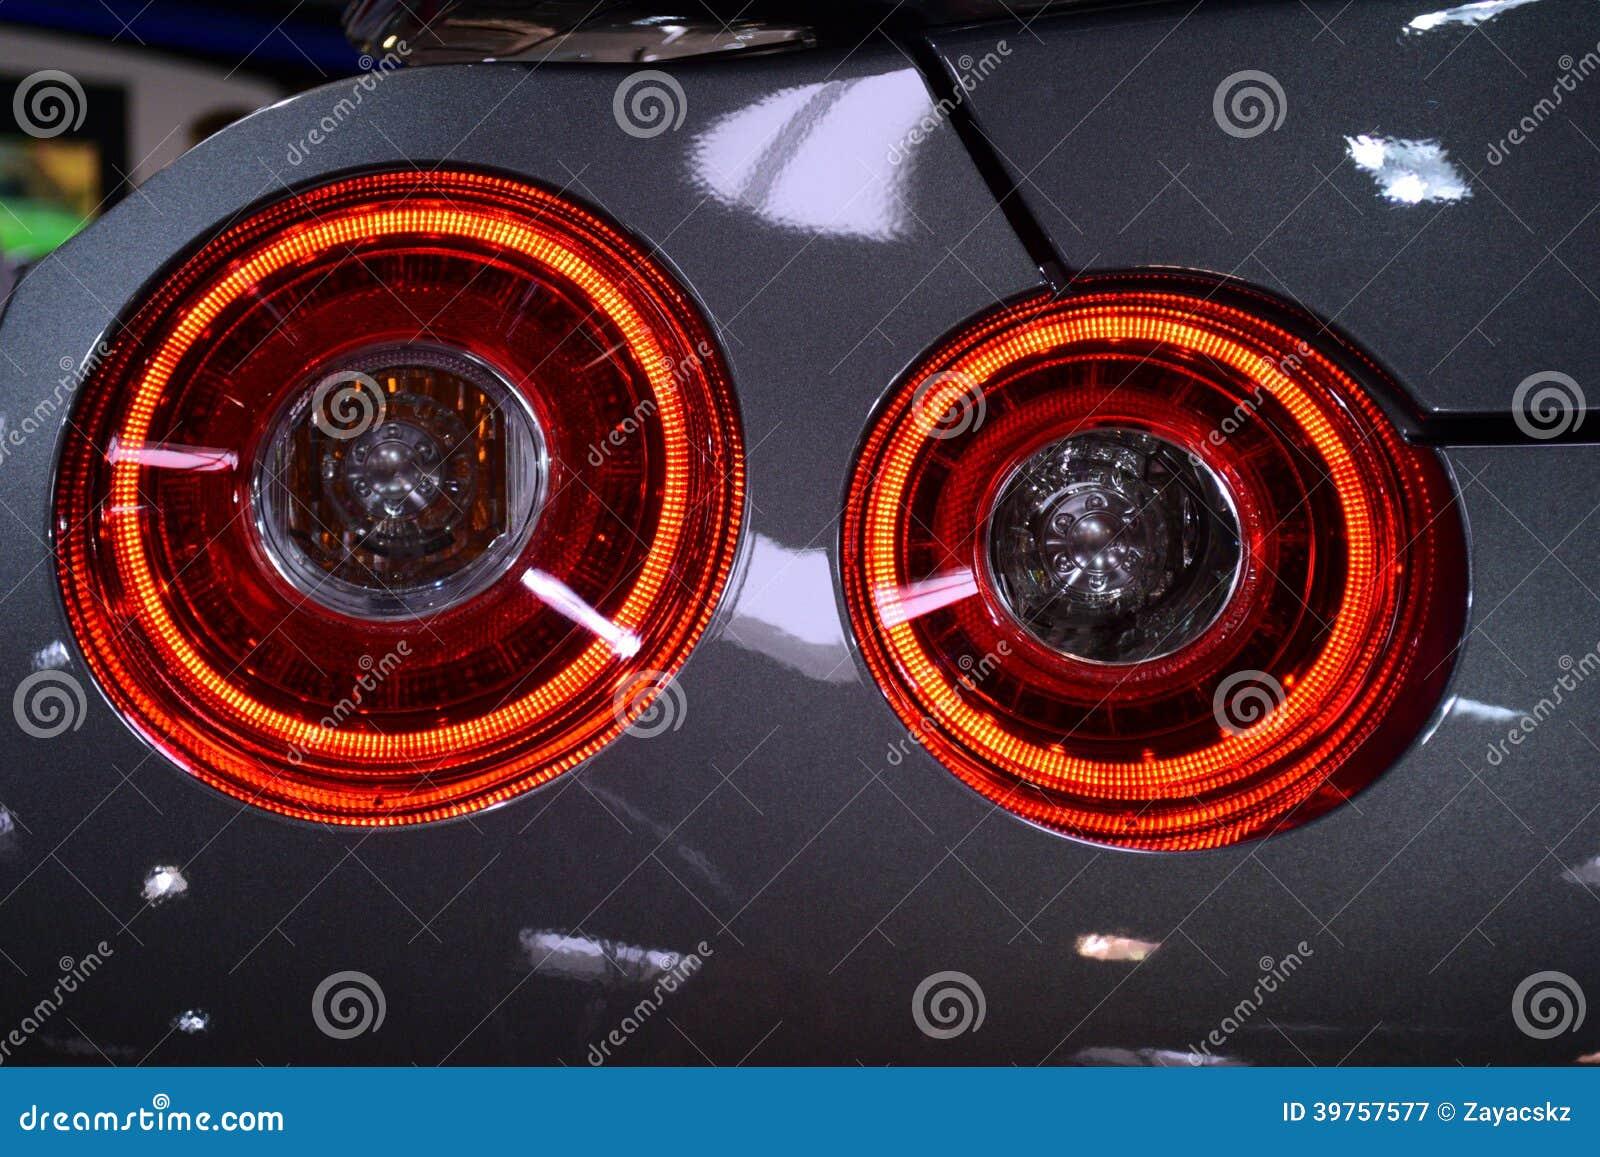 Rond Achterlicht Van Japanse Sportwagen Zilveren Chassis